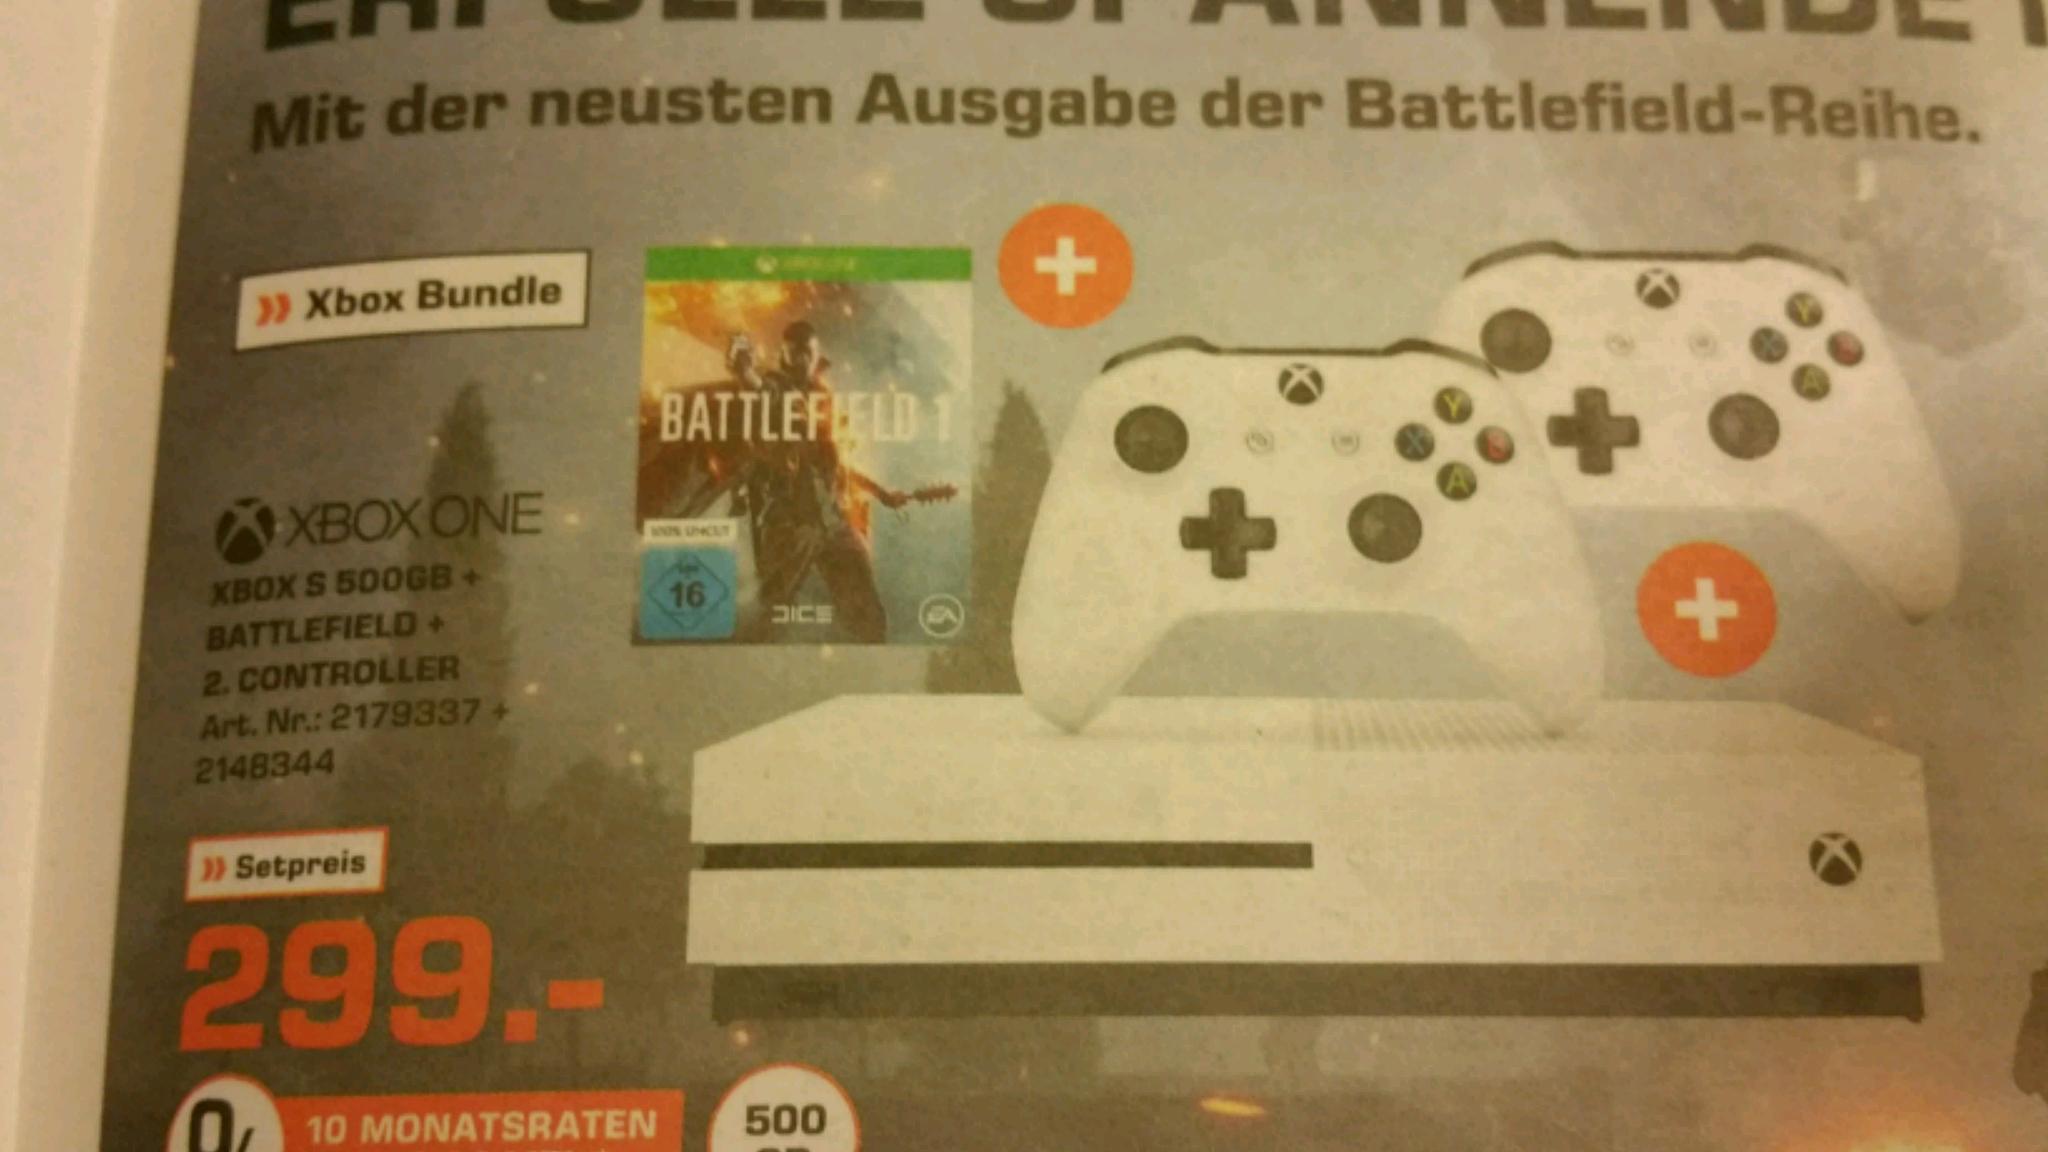 Xbox One S 500GB mit Battlefield 1 + 2ter Controller ab Mittwoch bundesweit